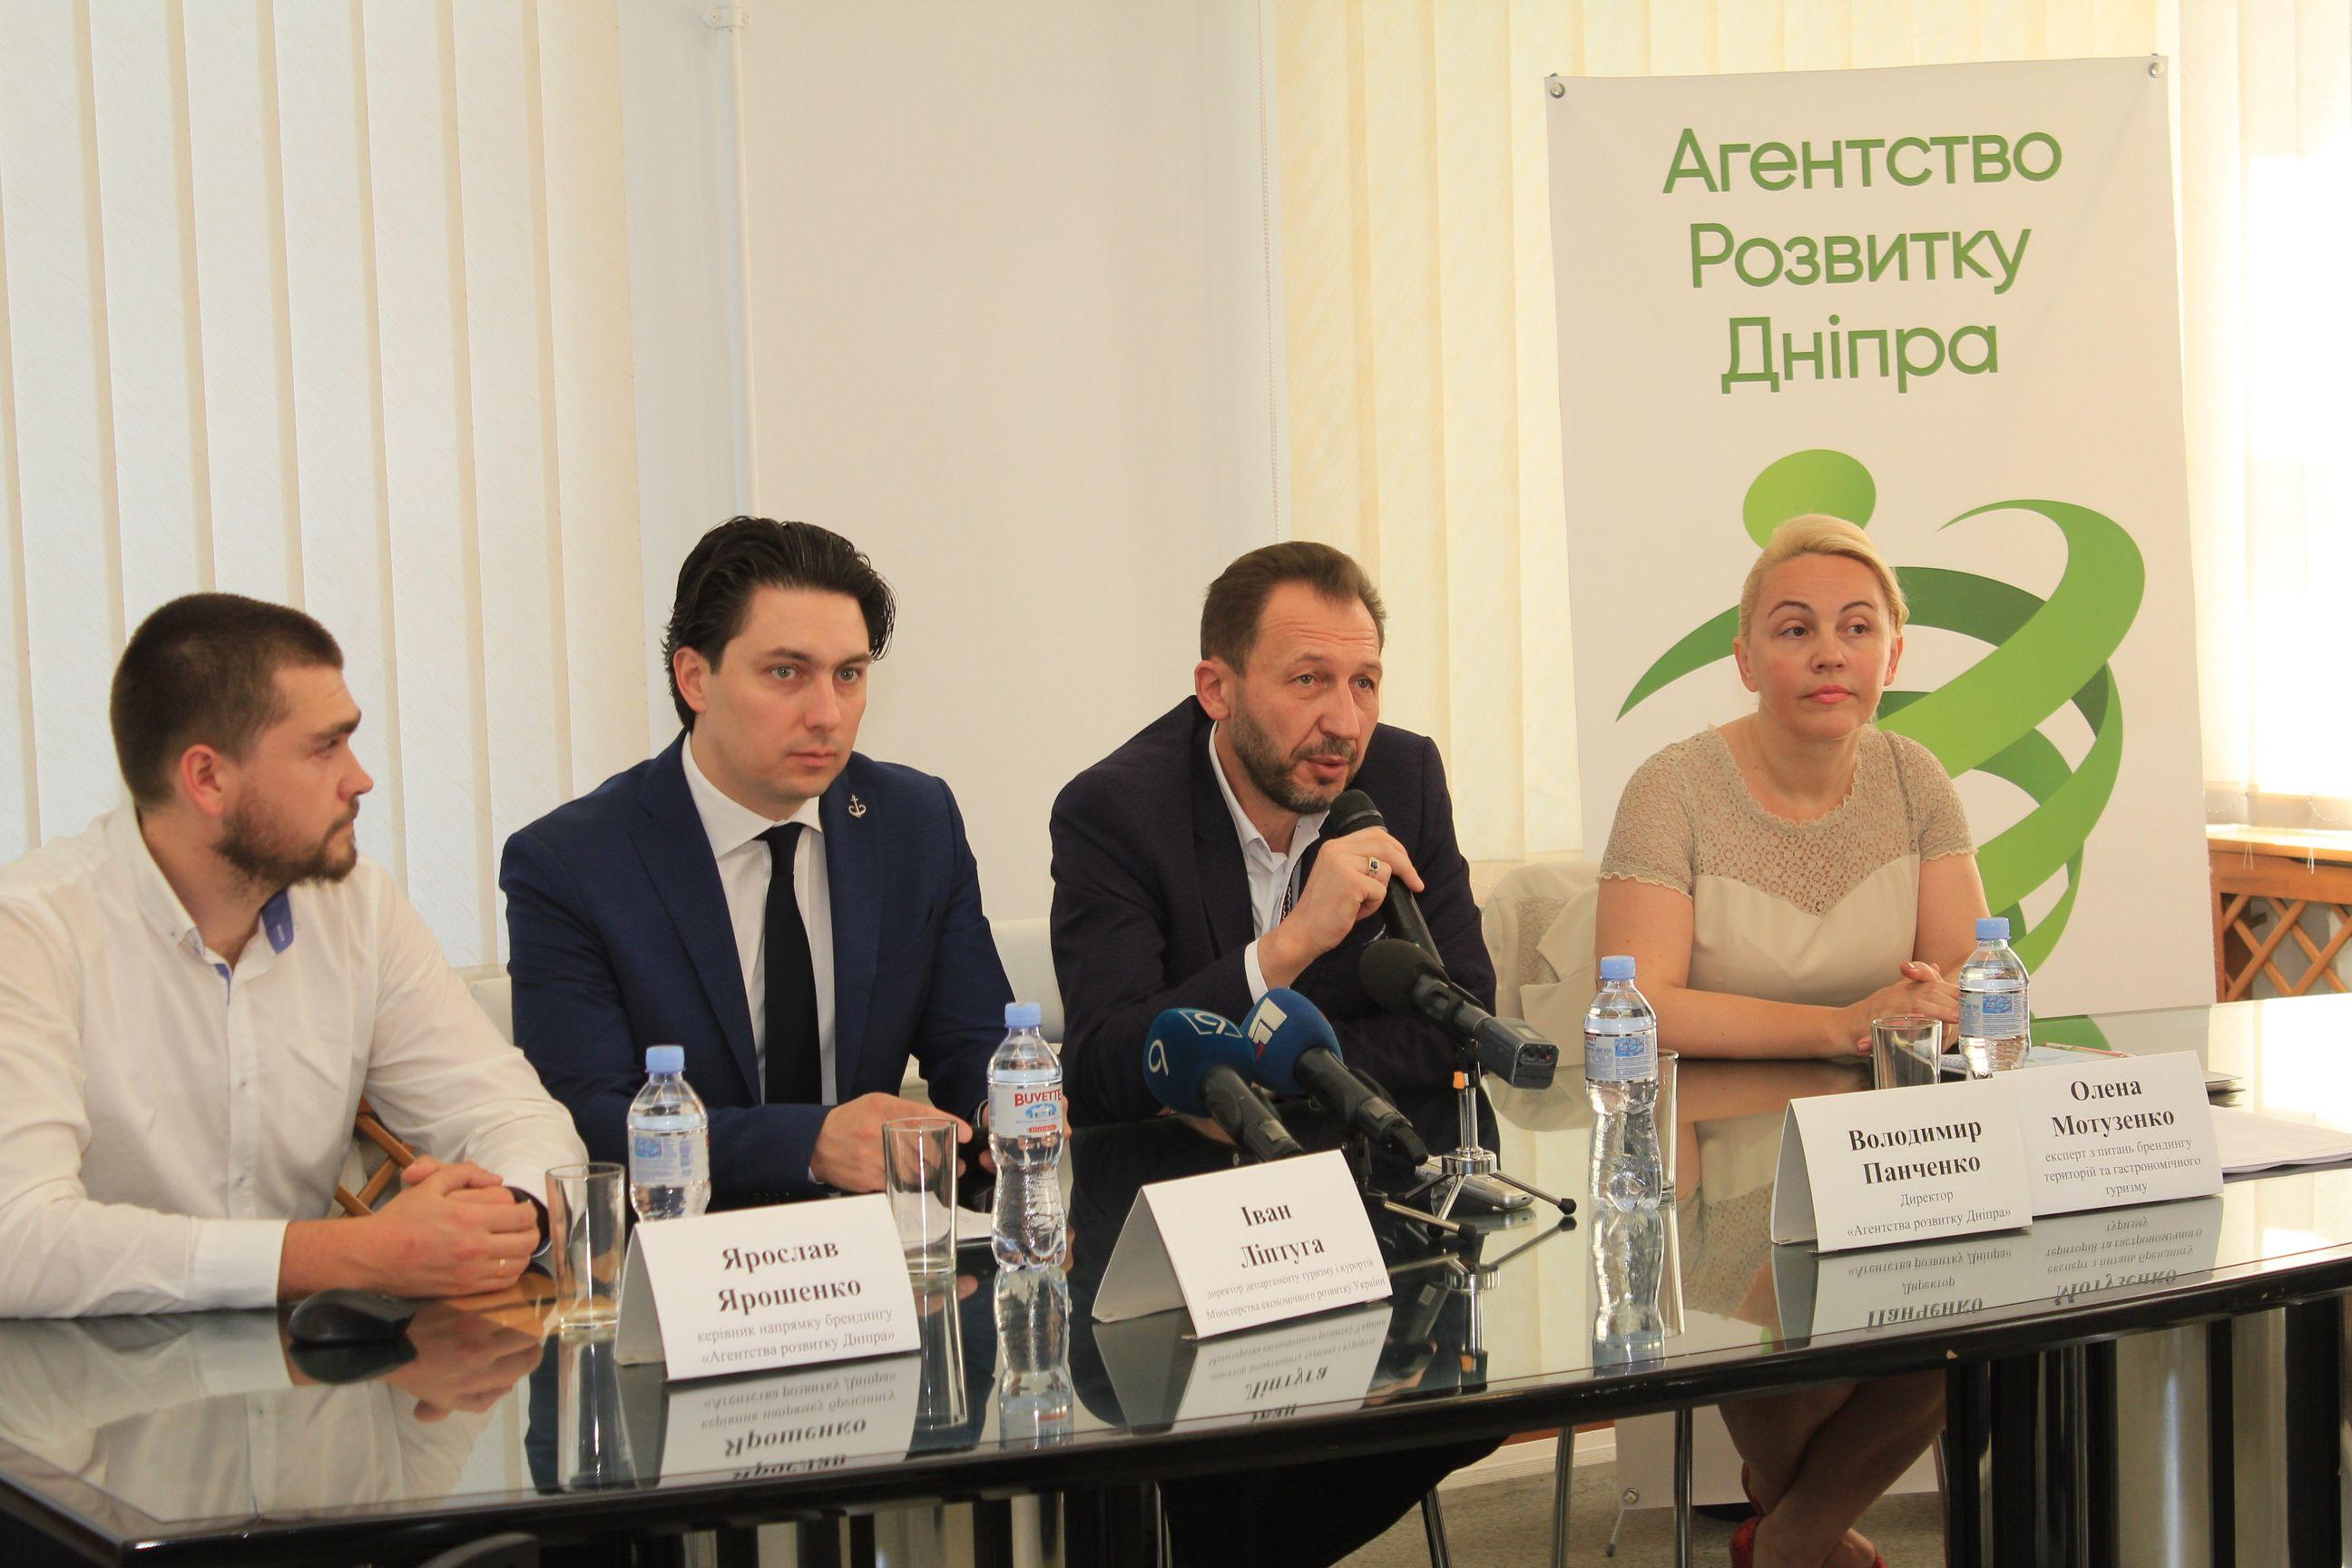 Формування нового позитивного іміджу міста Дніпро потребує консолідації з боку громади, влади та бізнесу